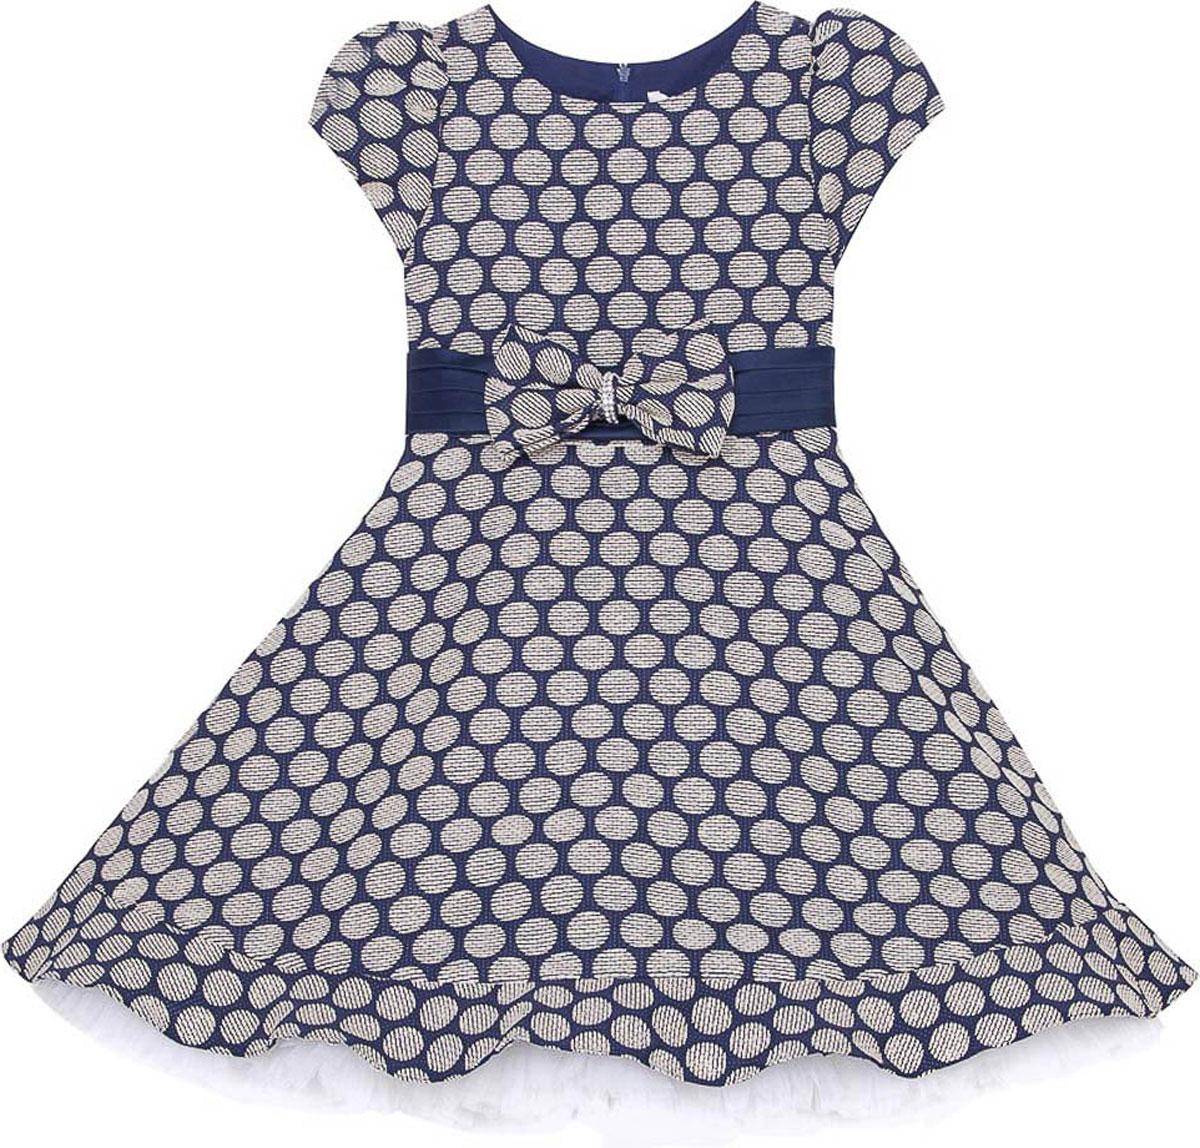 Платье для девочки Vitacci, цвет: синий. 2171416-04. Размер 1202171416-04Стильное платье Vitacci идеально подойдет вашей дочурке. Платье выполнено из полиэстера с подкладкой из хлопка. Платье с короткими рукавами и круглым вырезом горловины дополнено принтом и на талии декоративным бантиком. Модель застегивается на молнию, расположенную на спинке.